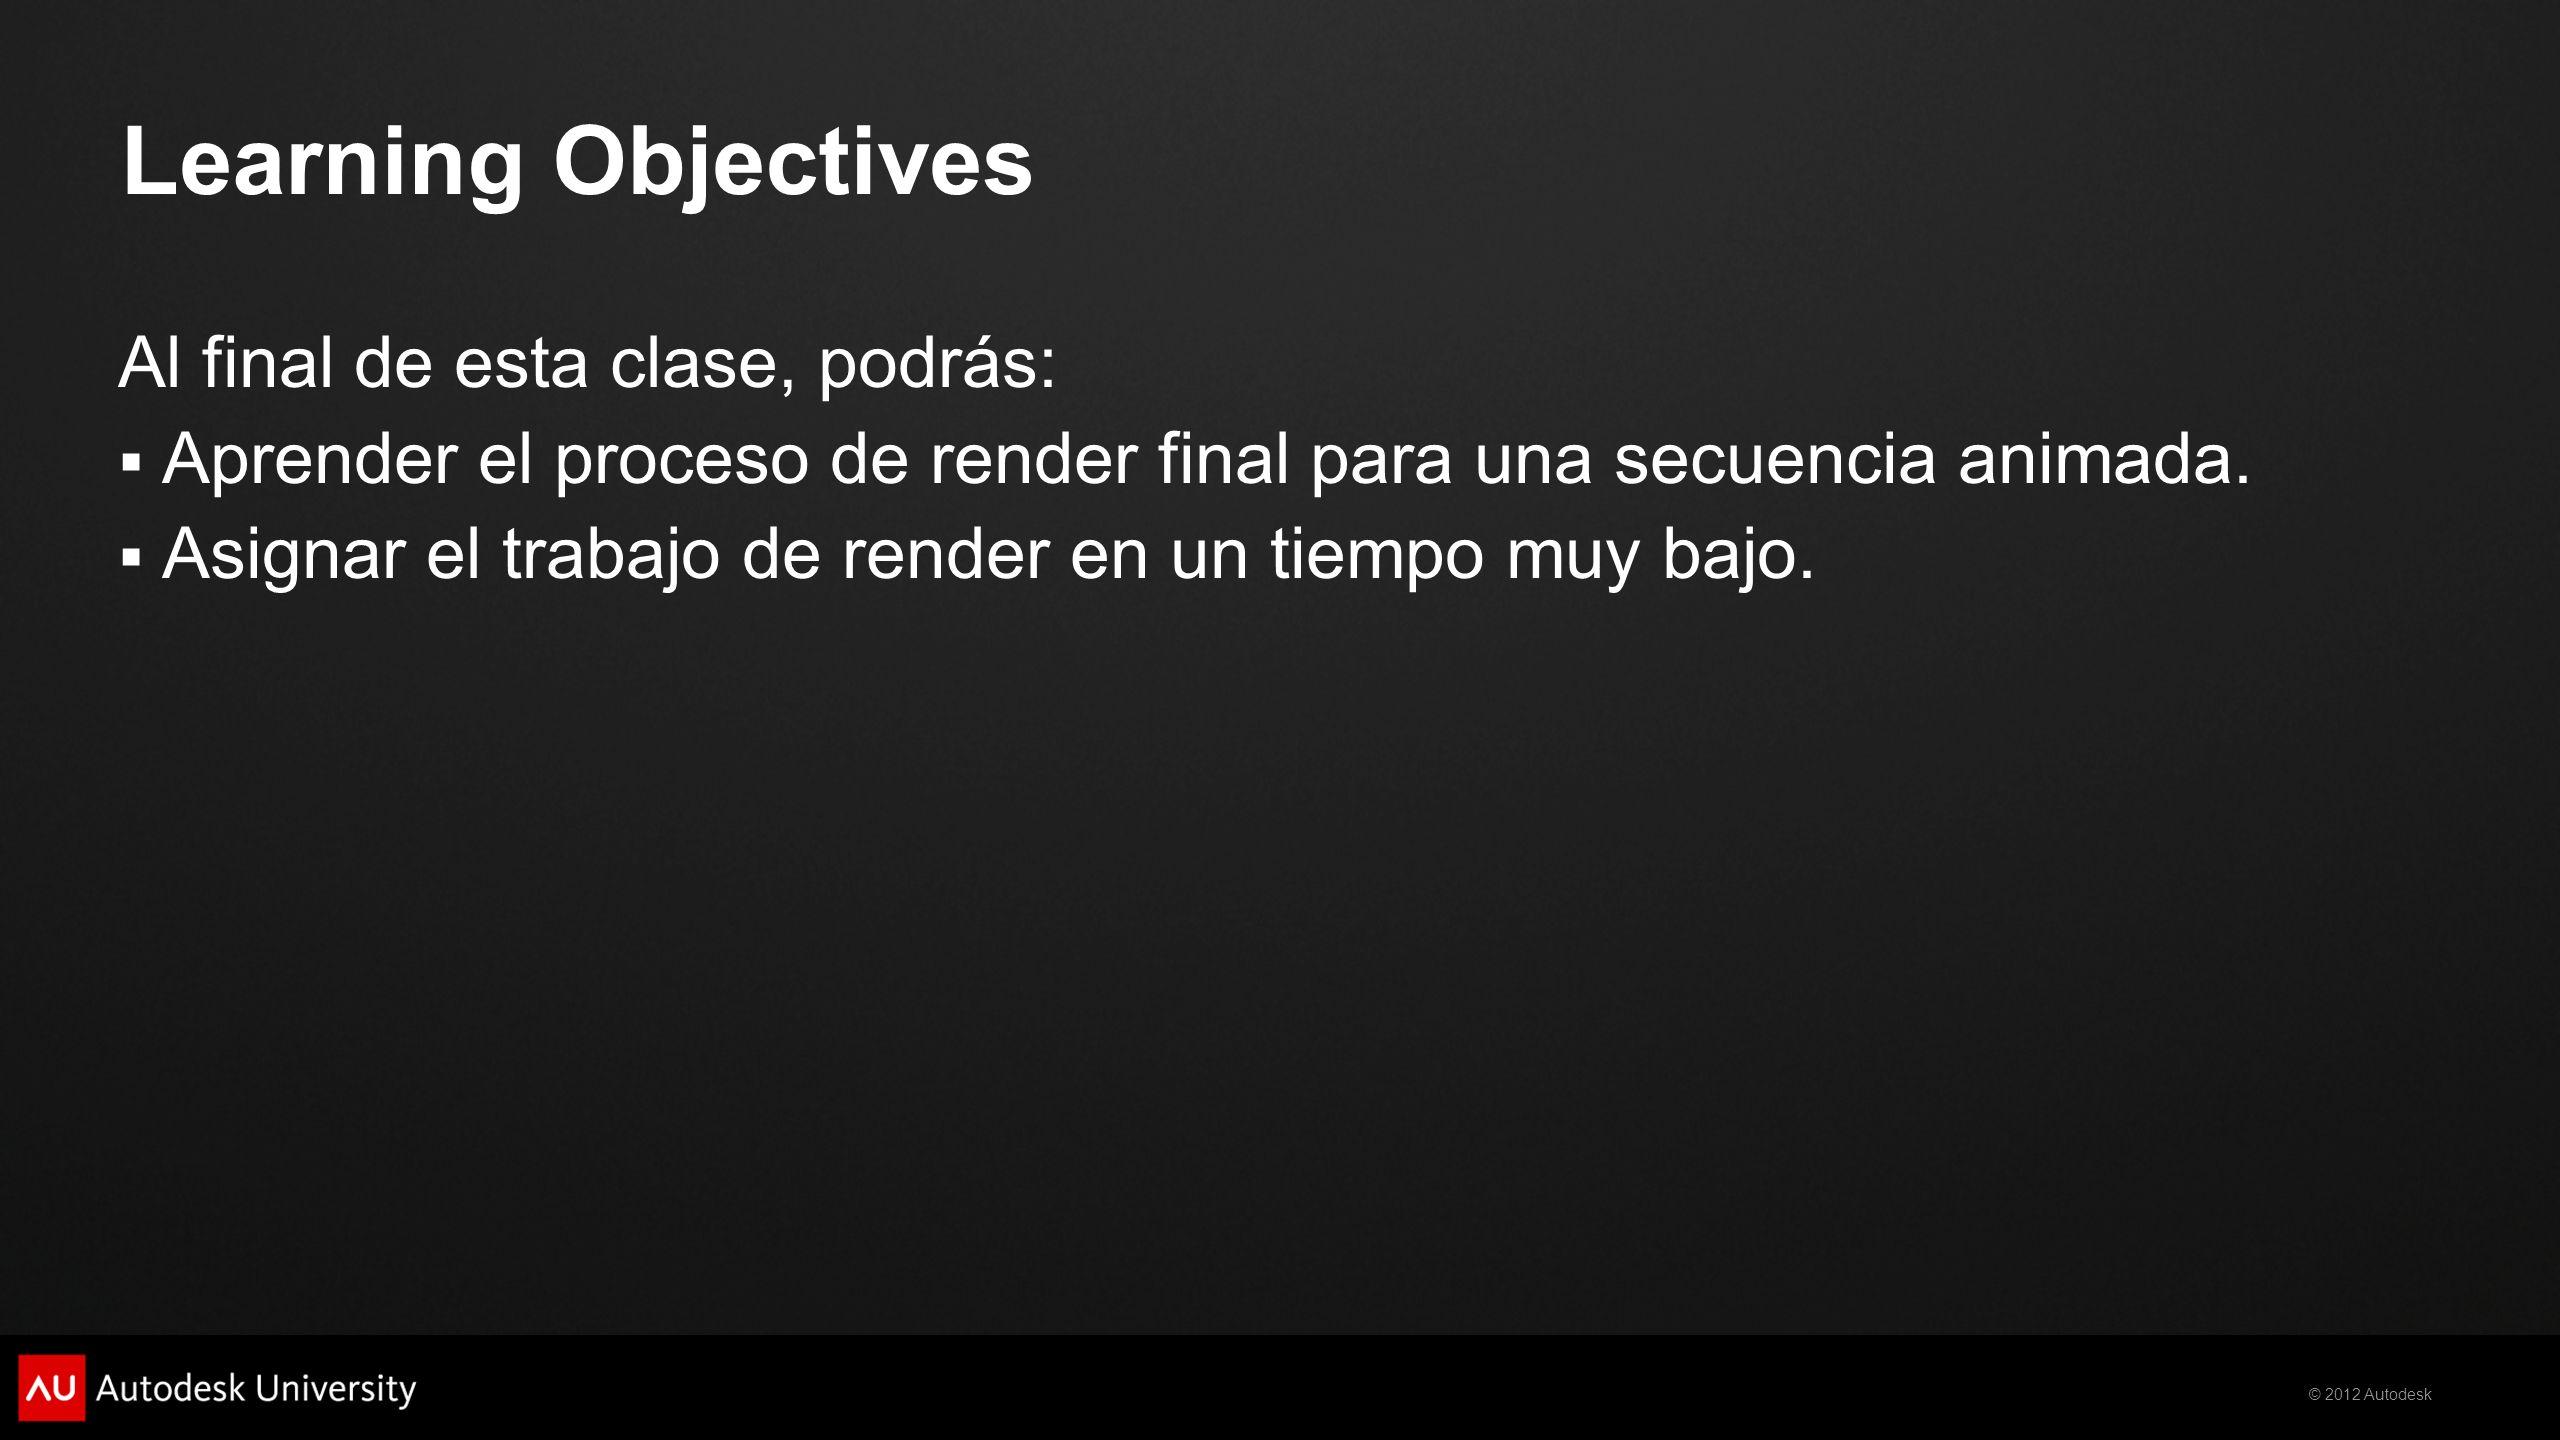 © 2012 Autodesk Learning Objectives Al final de esta clase, podrás: Aprender el proceso de render final para una secuencia animada. Asignar el trabajo